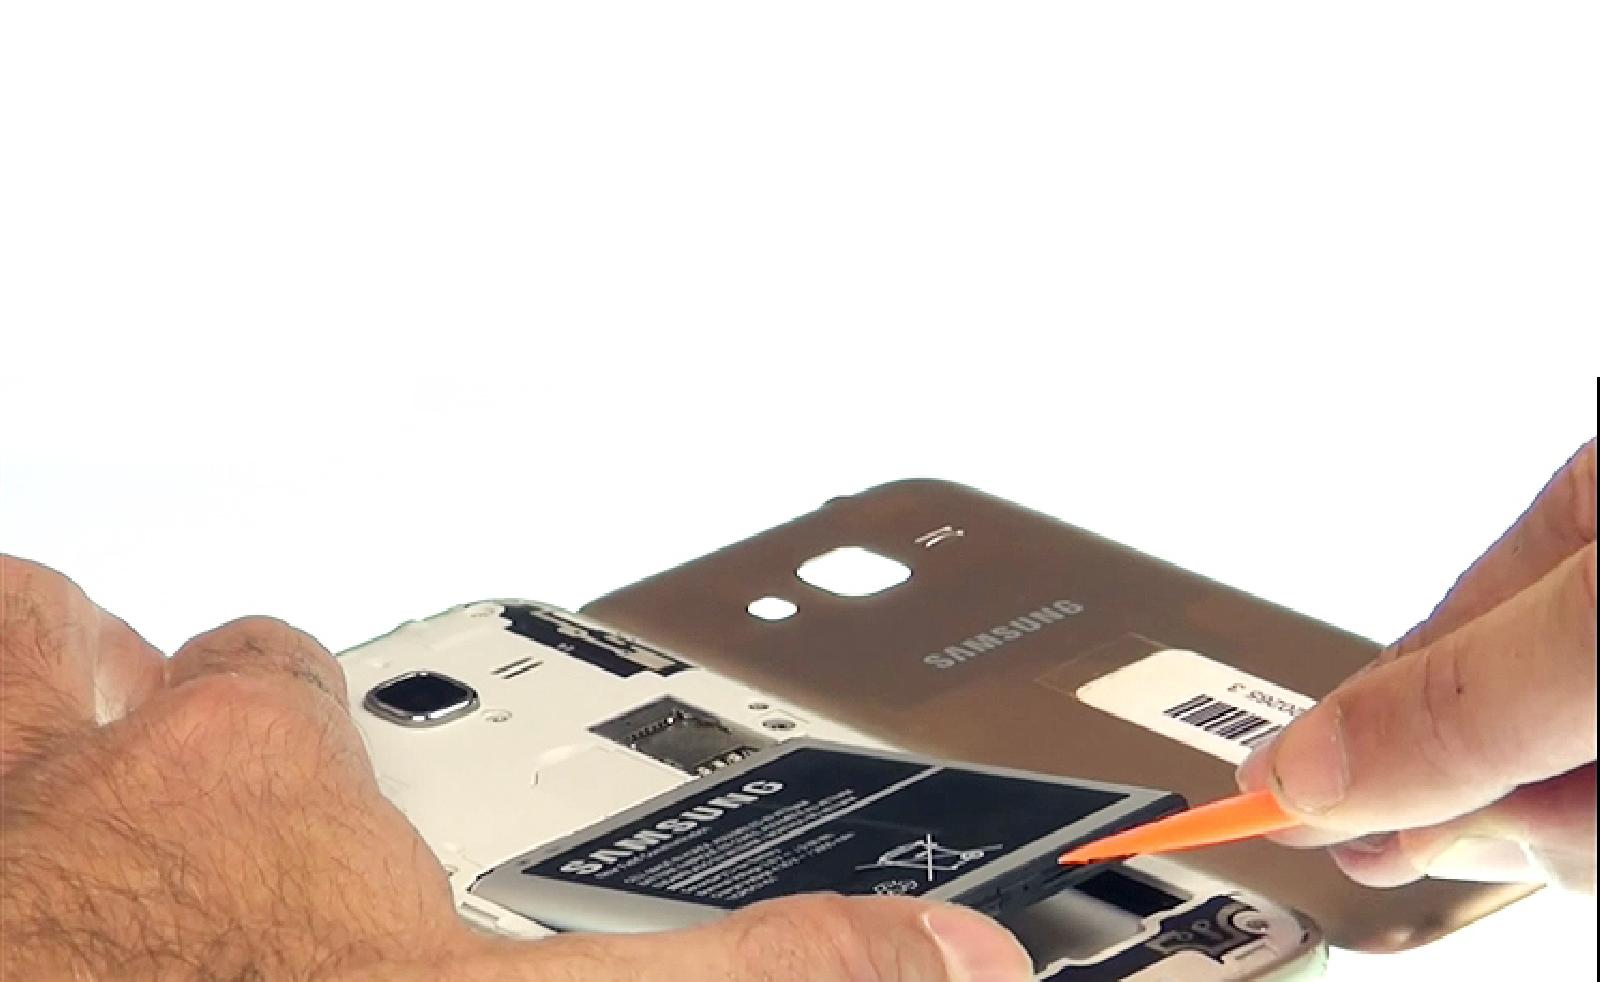 Etape 2 : Retirer la batterie